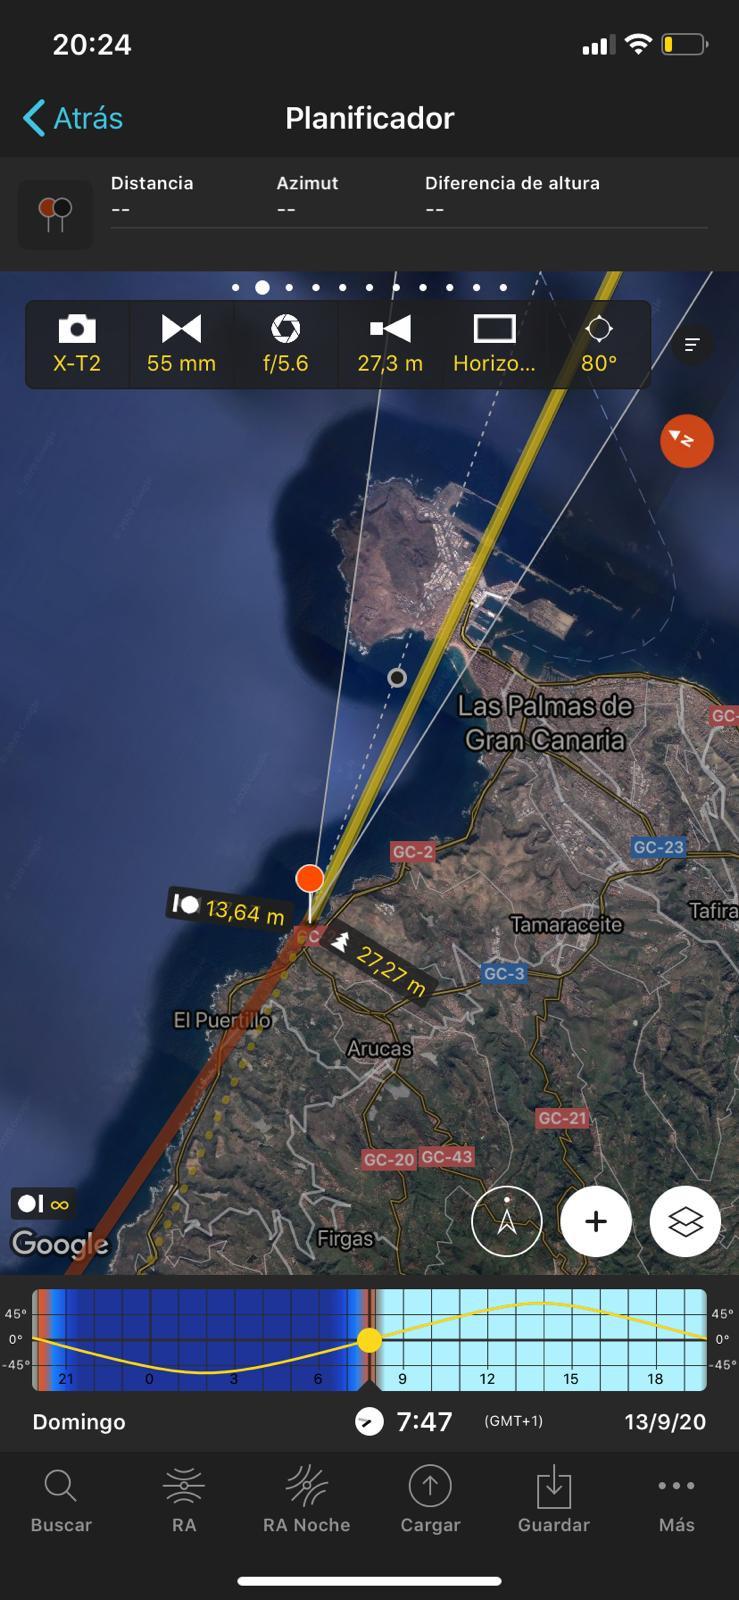 Captura de pantalla de la planificación de un amanecer con Photopills en Arucas. Debajo de la Granja del Cabildo de Gran Canaria